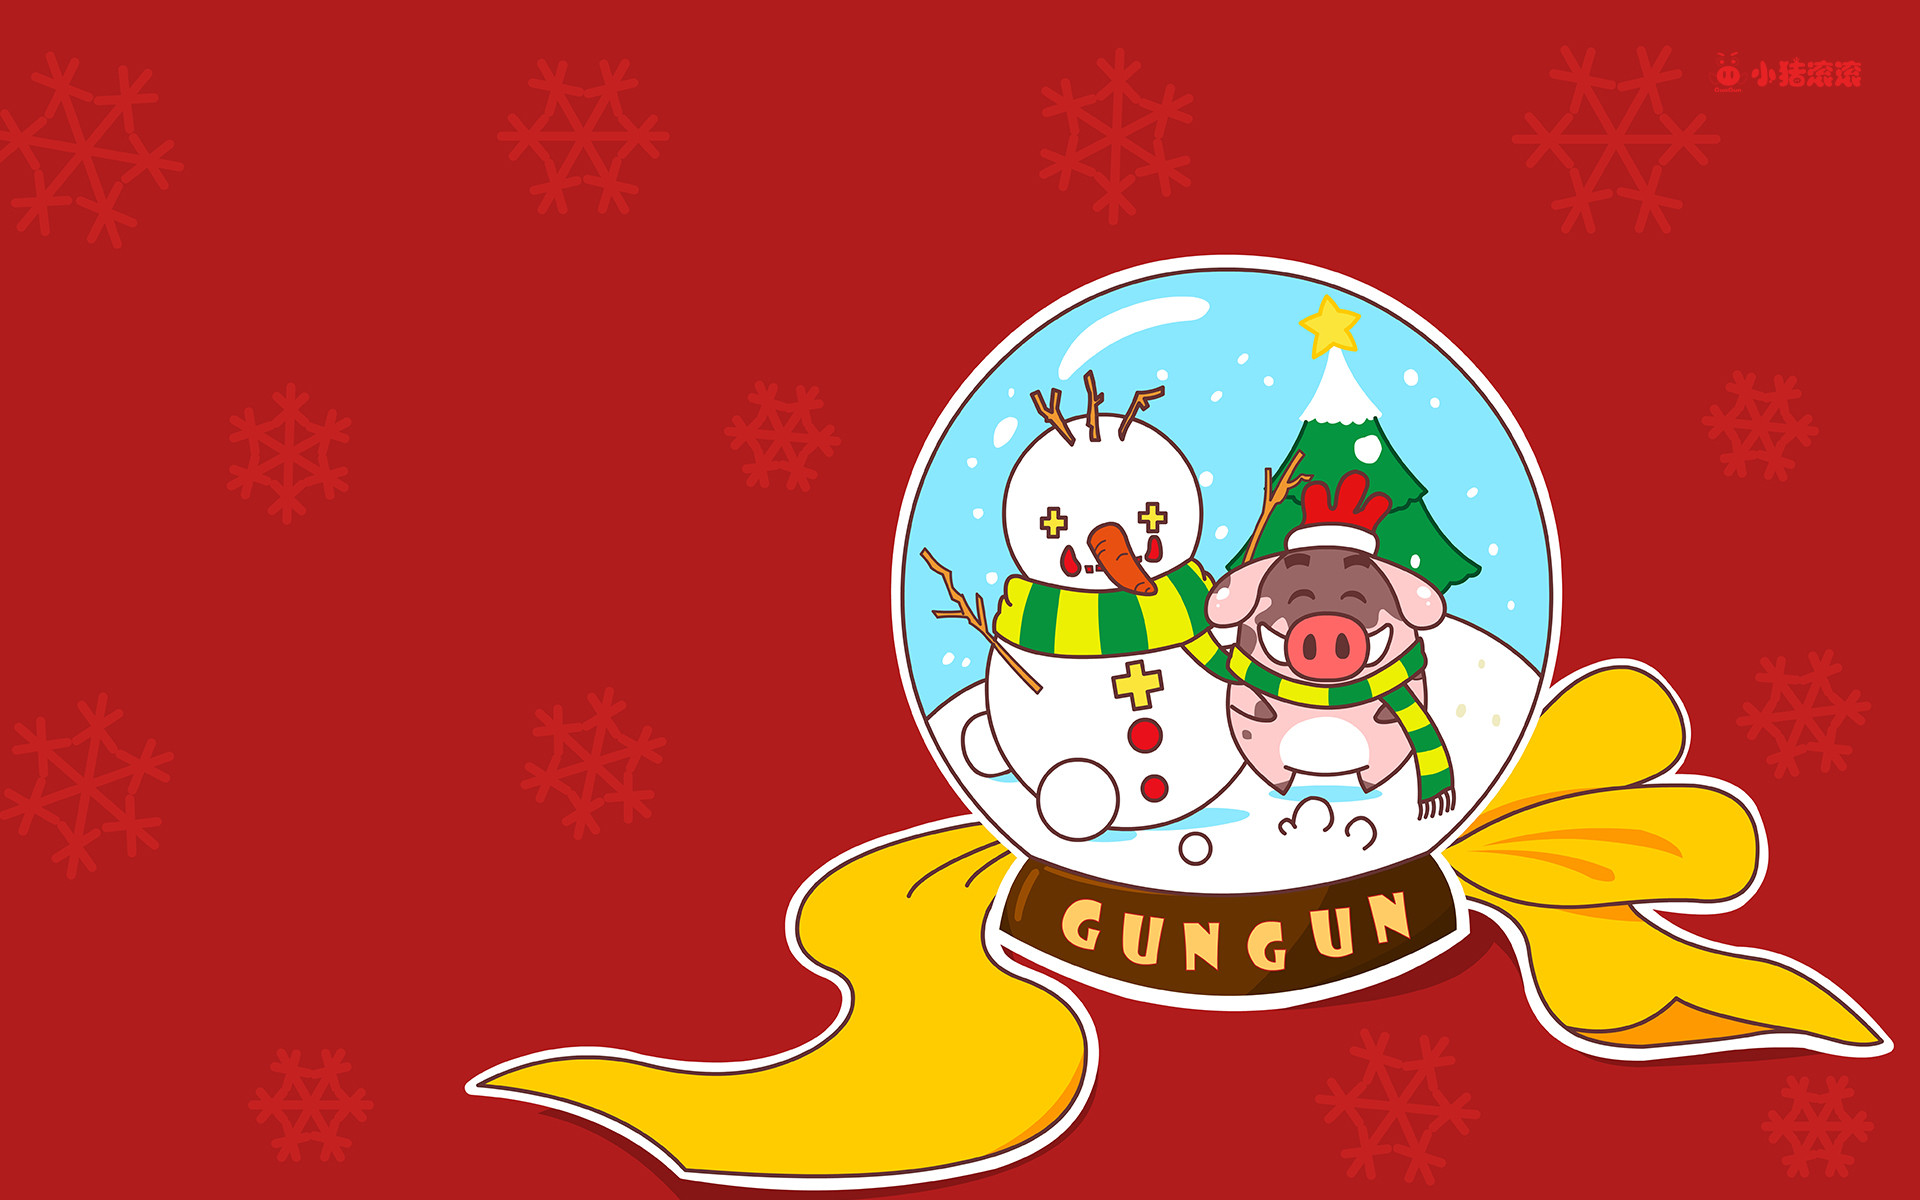 小猪滚滚圣诞节ppt背景图片下载